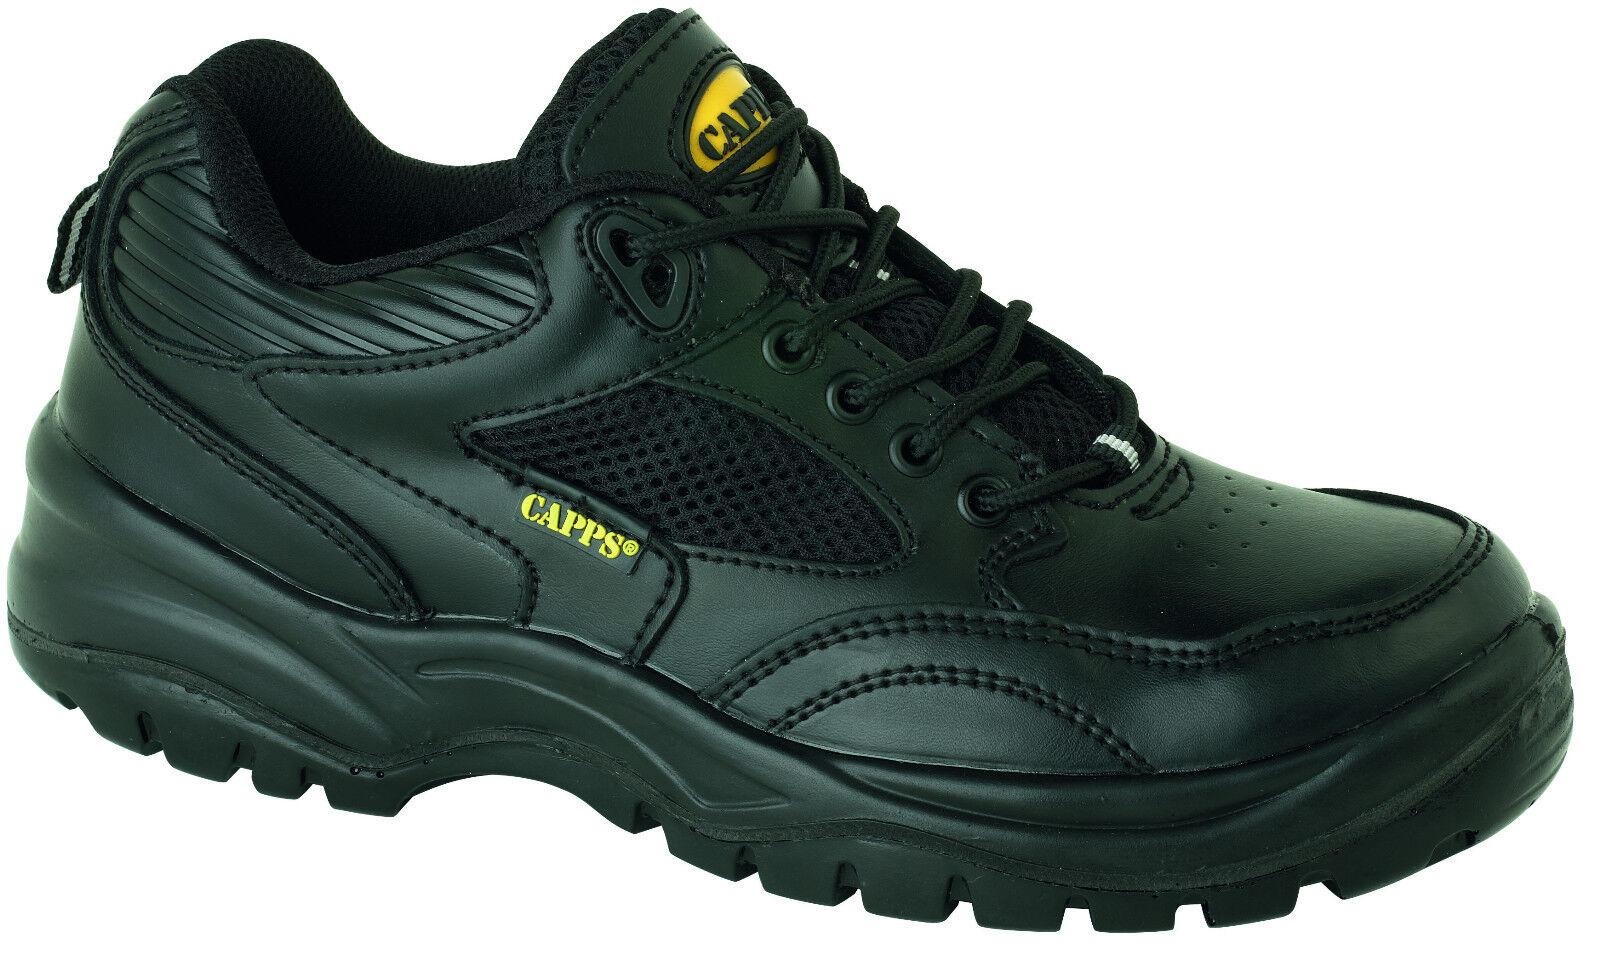 Capps lh517 S1 Negro Para Hombre Puntera Composite zapatos de trabajo de la seguridad de los formadores de calzado